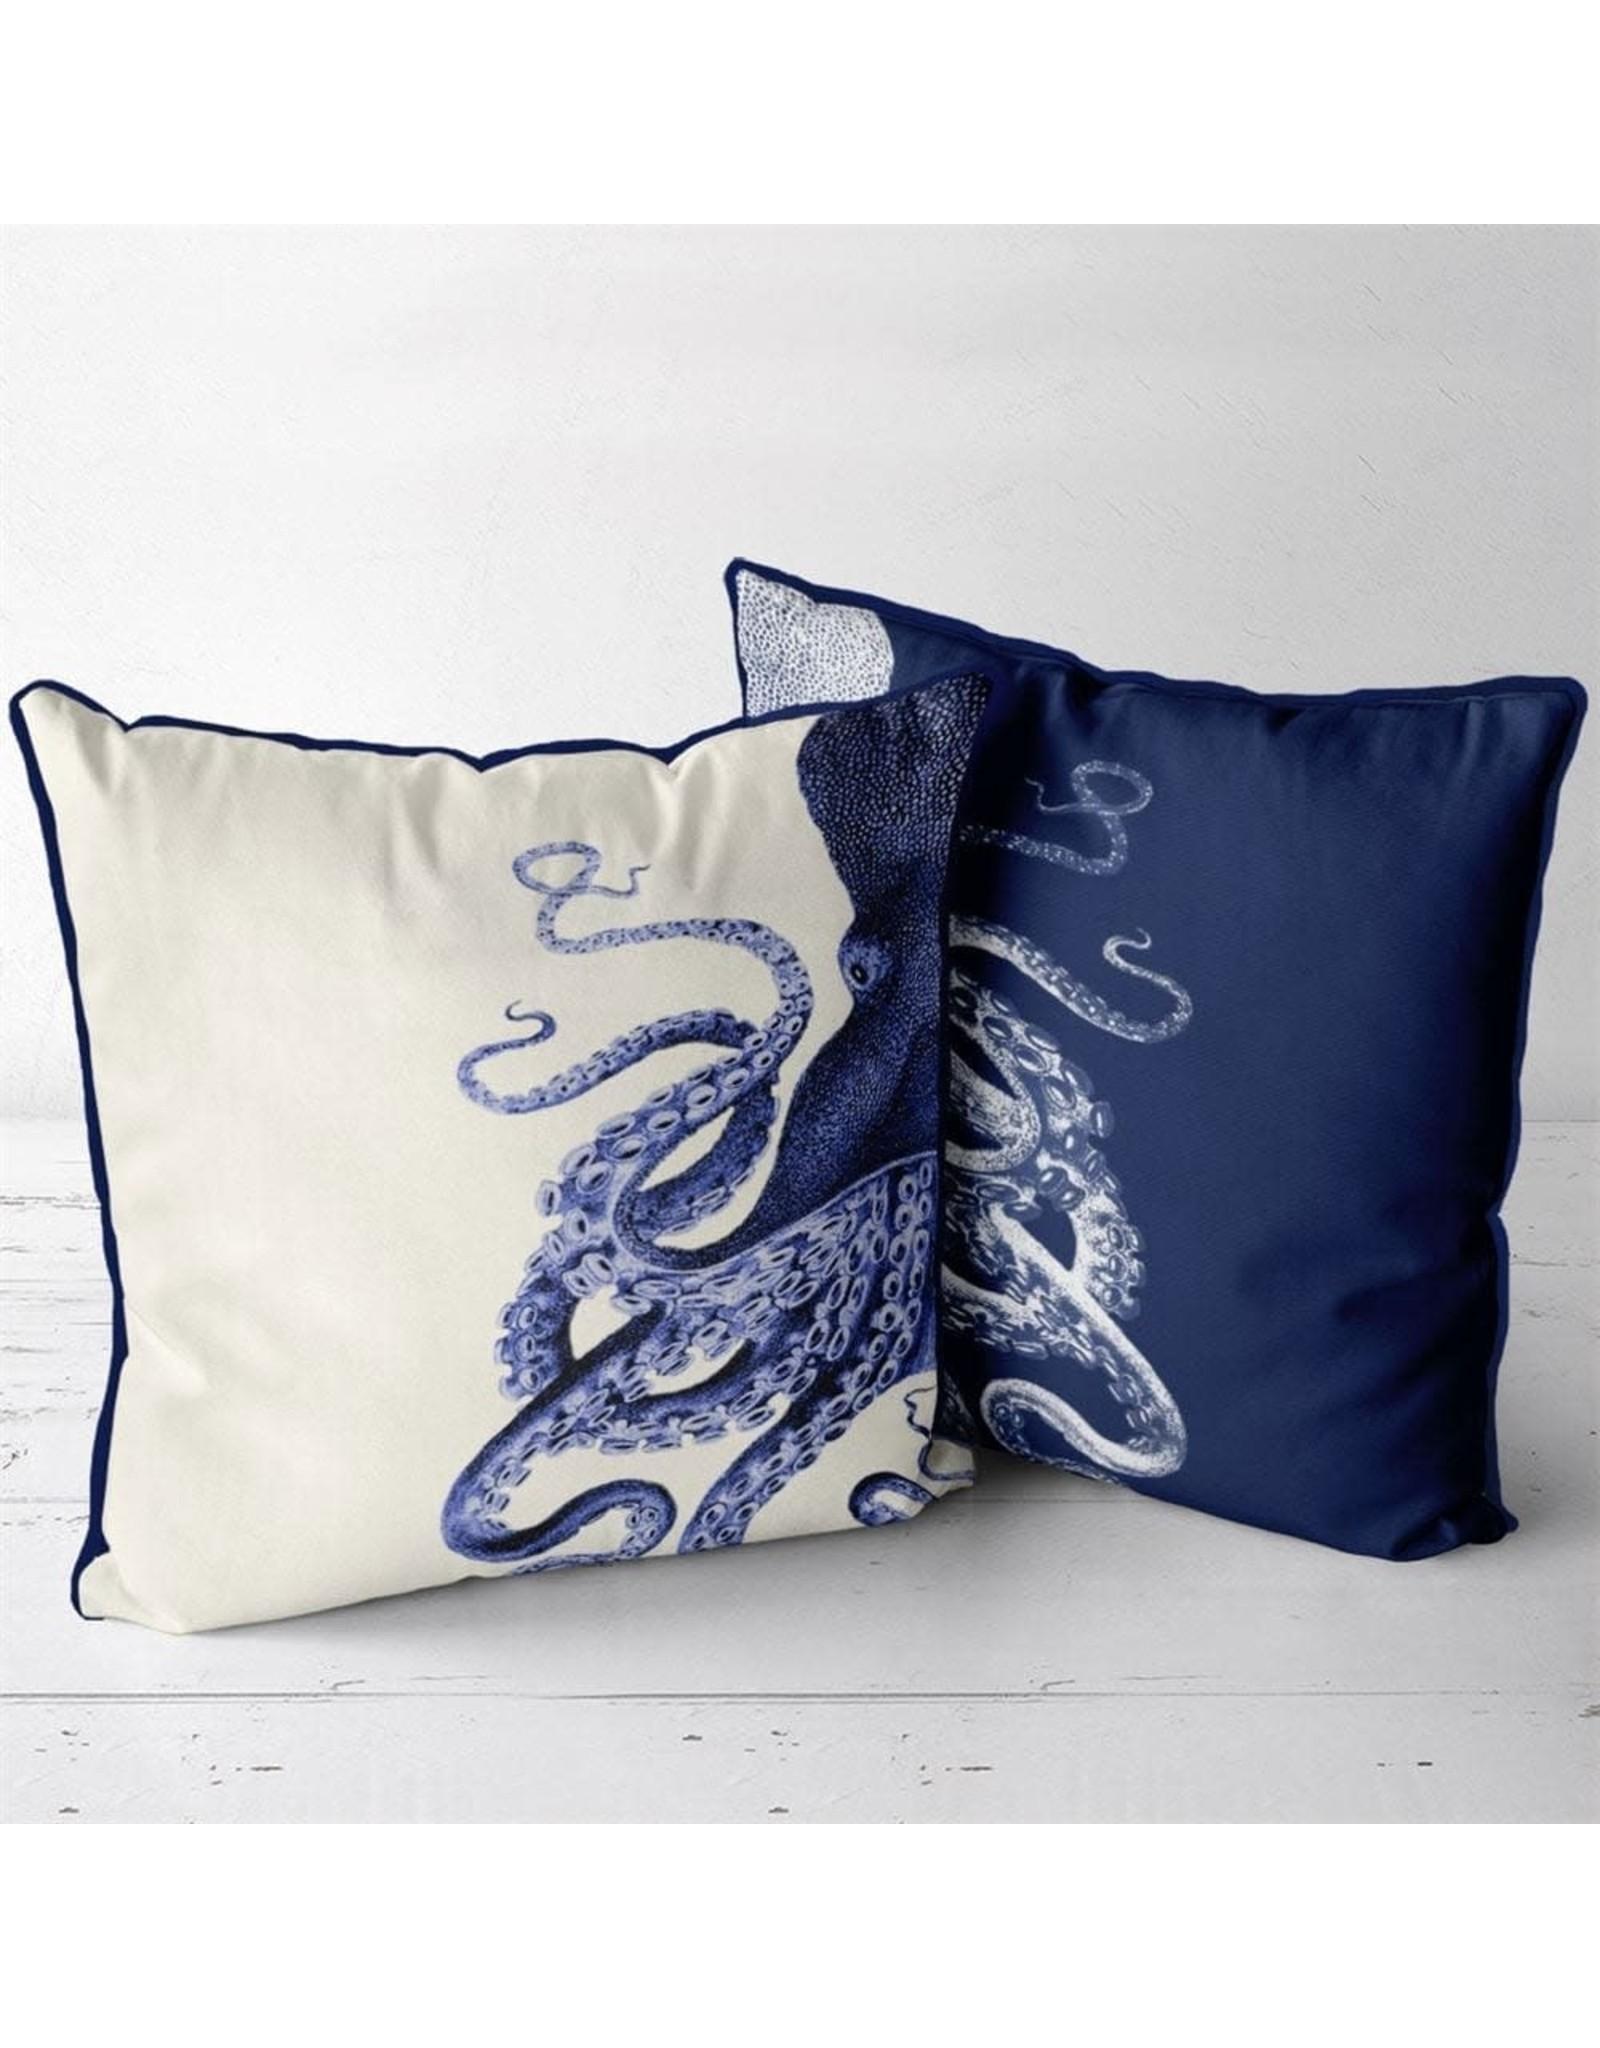 DP FF Octopus Navy Blue Cream 24x24